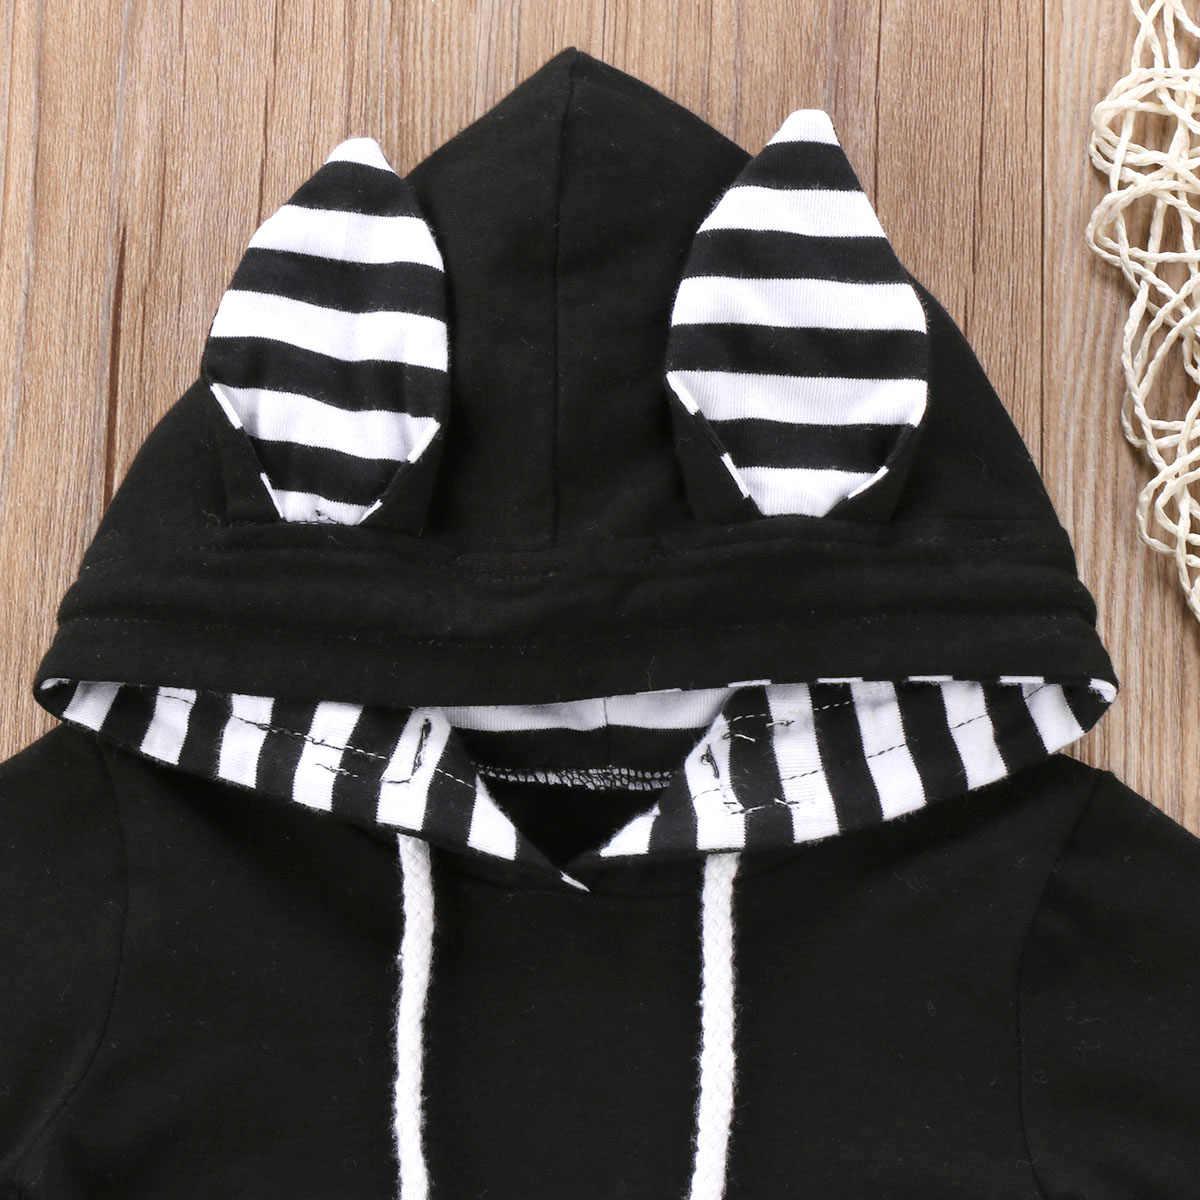 2018 комбинезон в полоску с капюшоном для новорожденных мальчиков и девочек, черный комбинезон, осенняя Милая одежда, SS